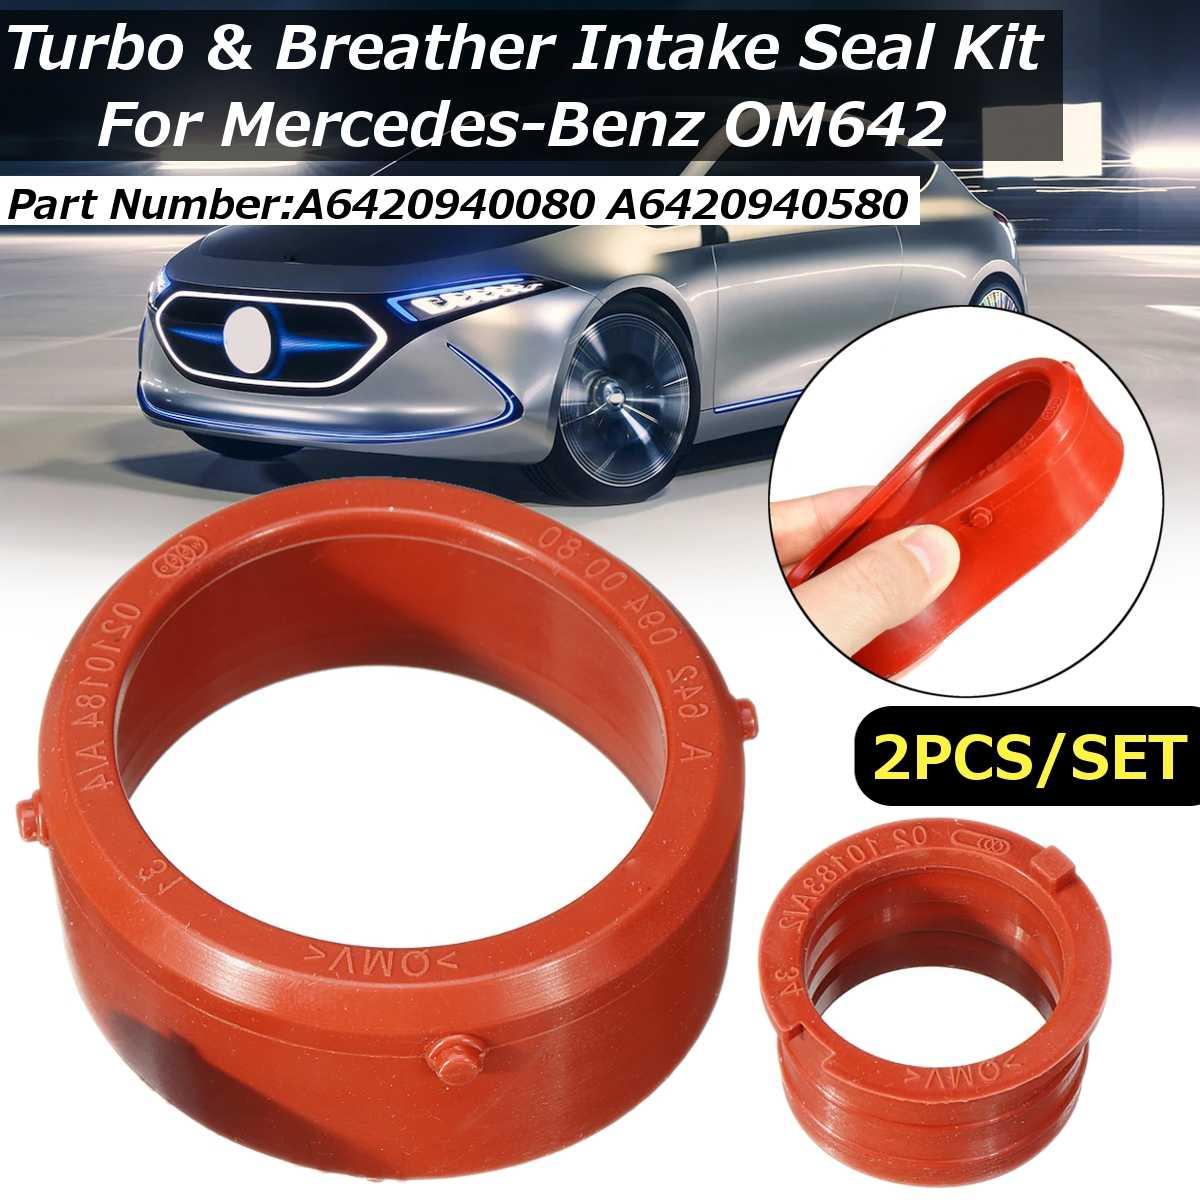 2 stuks Auto motor A6420940080 Turbo Intake Seal & Motor Breather Seal Kit voor Mercedes-Benz OM642 Motoren Motor accessoires